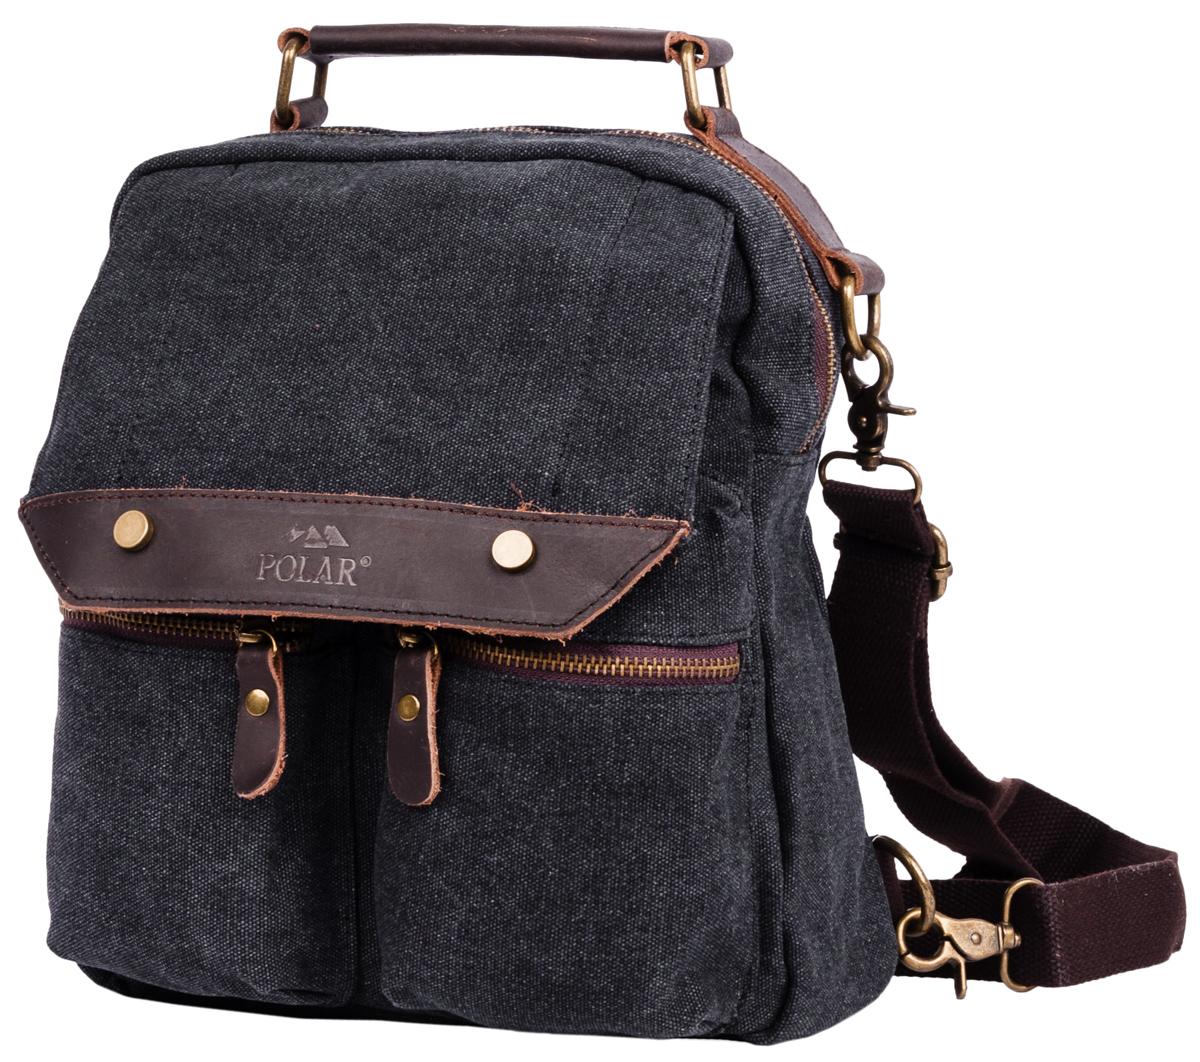 Рюкзак городской Polar  Adventure , цвет: темно-серый, 7,3 л. п1449-05 black - Рюкзаки